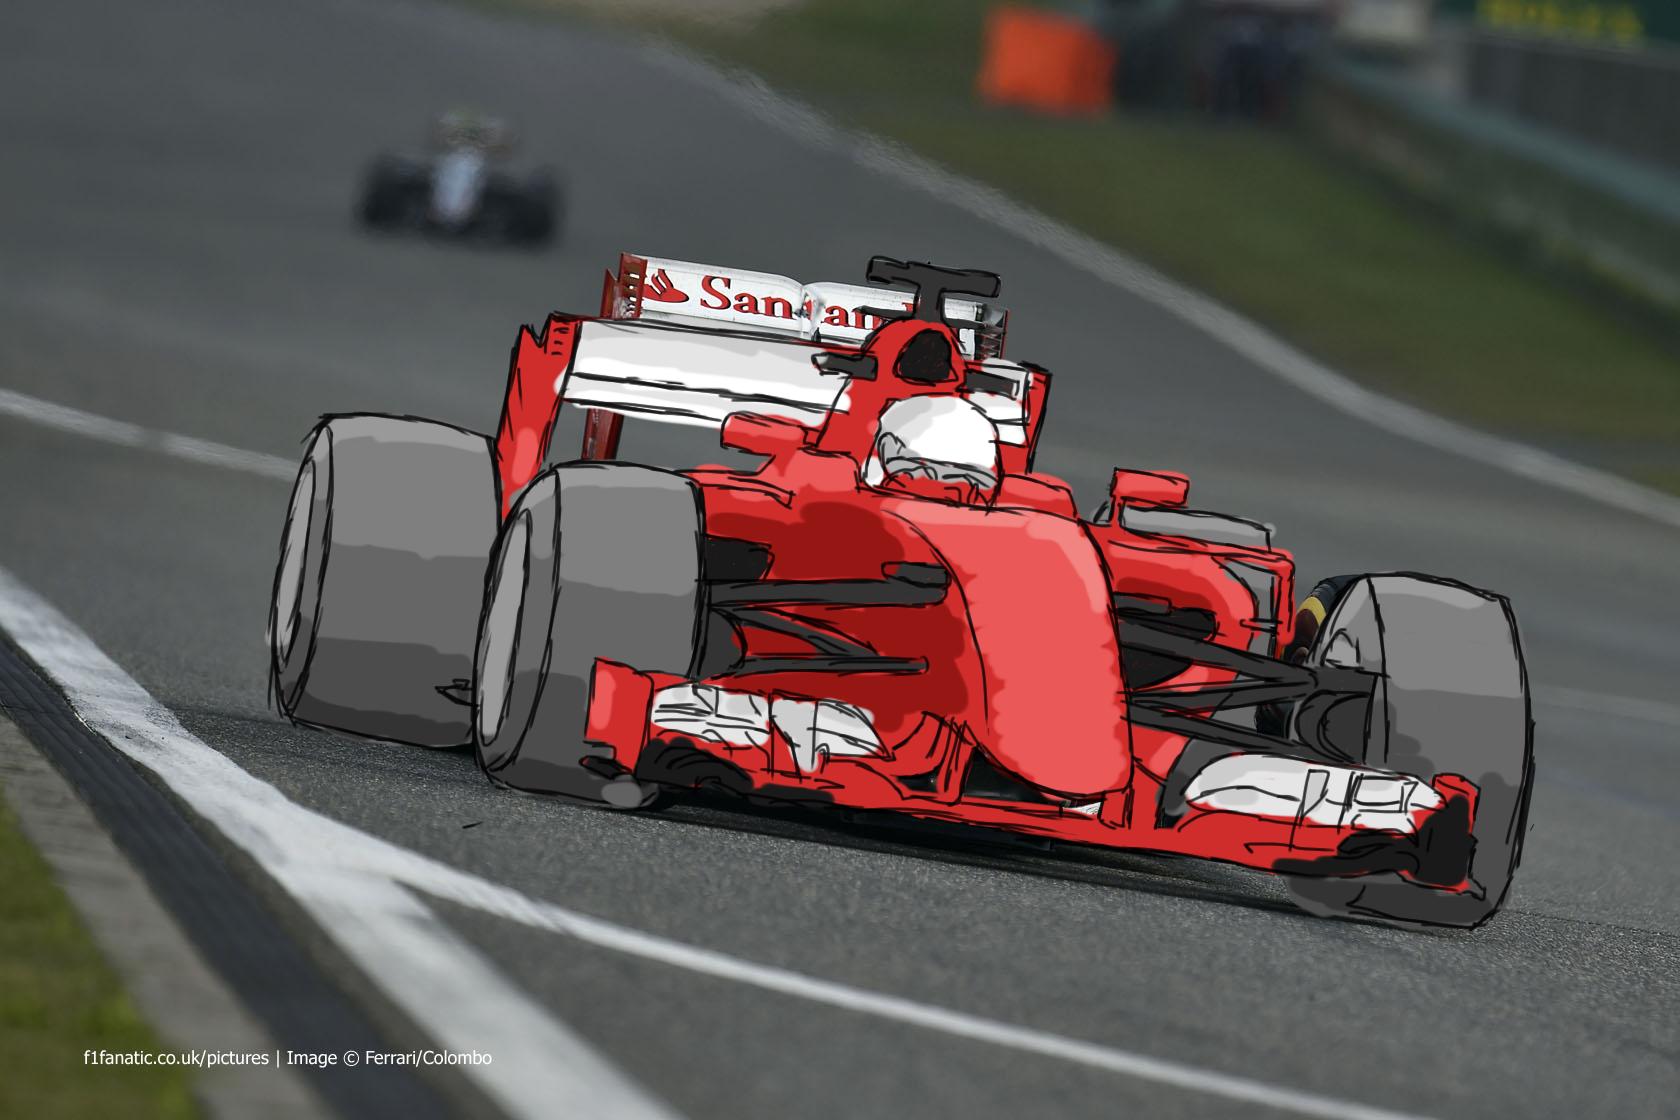 Trainyard Ferrari  Backgrounds, Compatible - PC, Mobile, Gadgets| 1680x1120 px